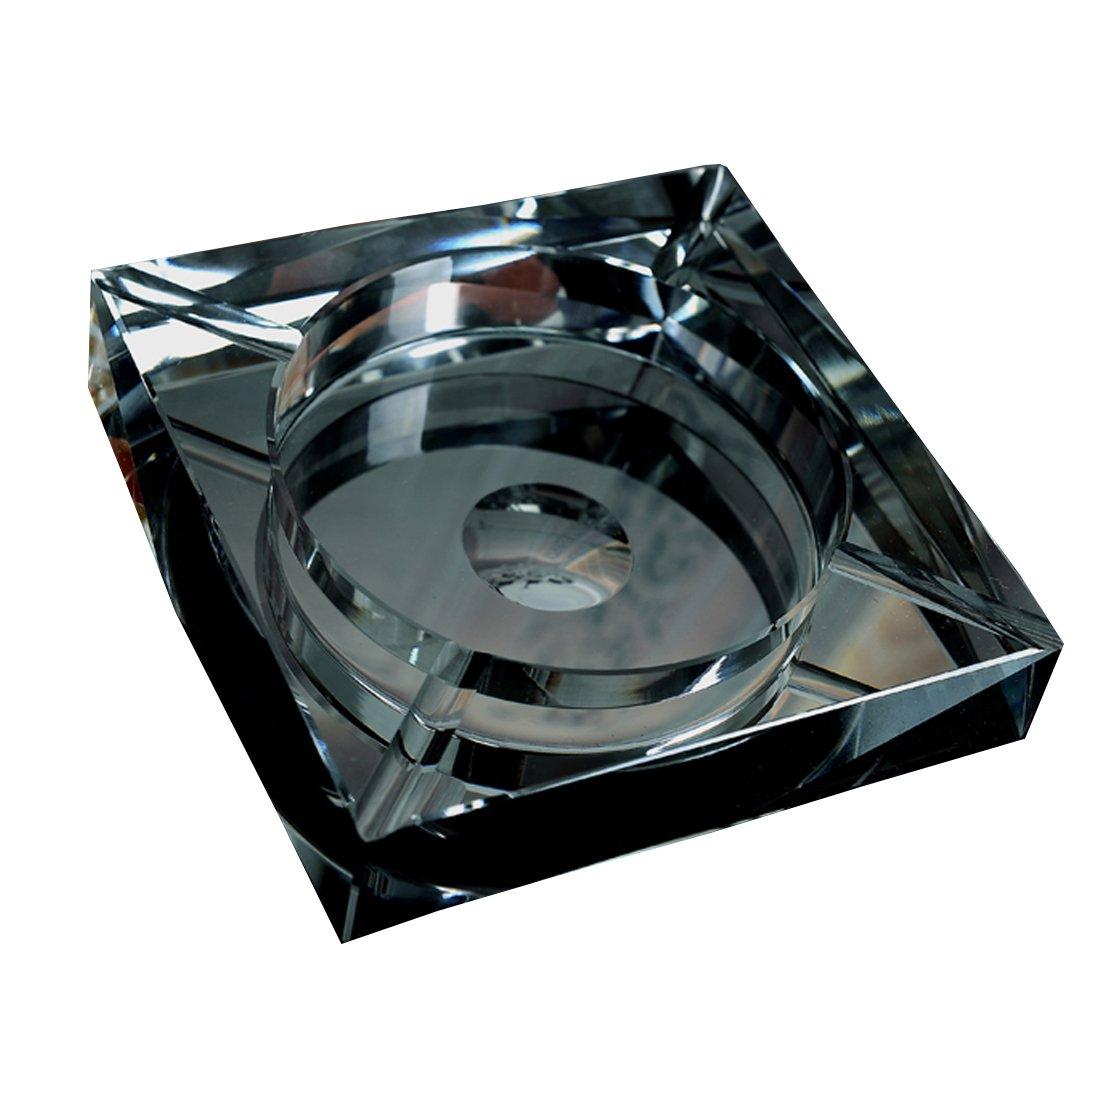 灰皿 クリスタル ガラス スクエア 高級 アッシュトレイ おしゃれ灰皿 ブラック 18cm OSONA B01HI2WCTY 18cm|ブラック ブラック 18cm